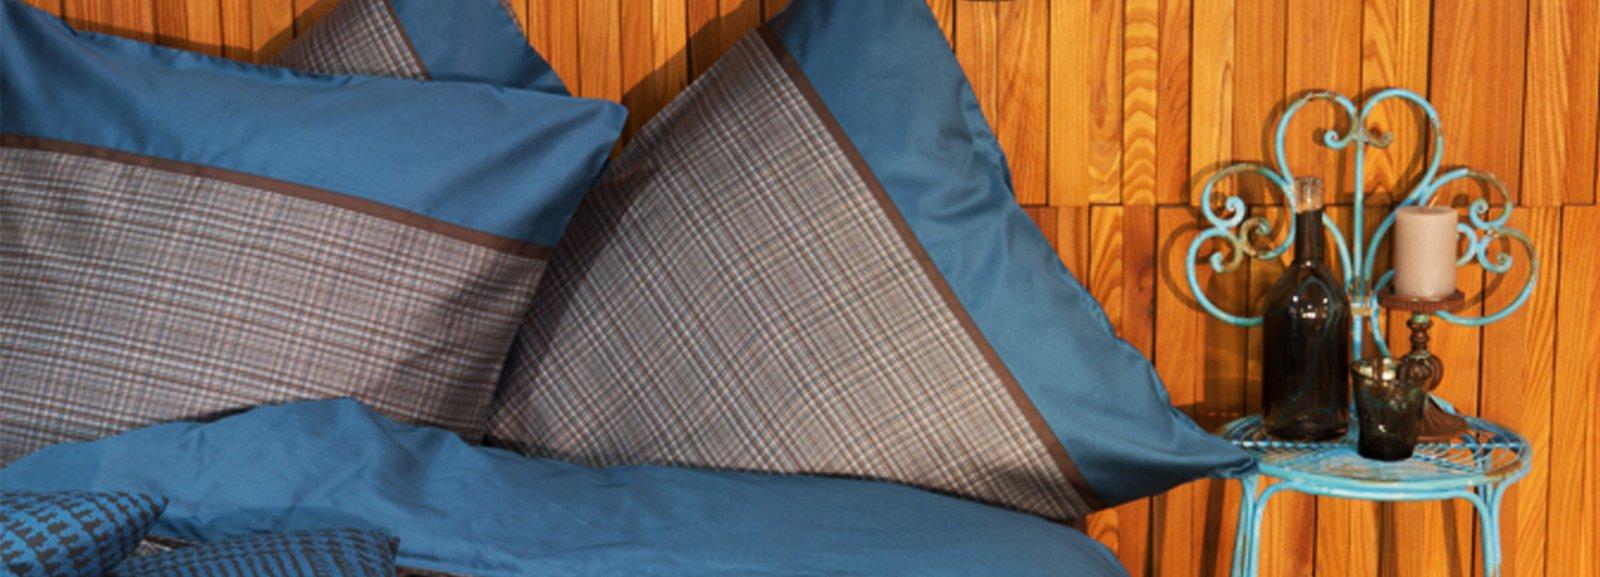 Biancheria per il letto cose di casa - Biancheria per il letto on line ...